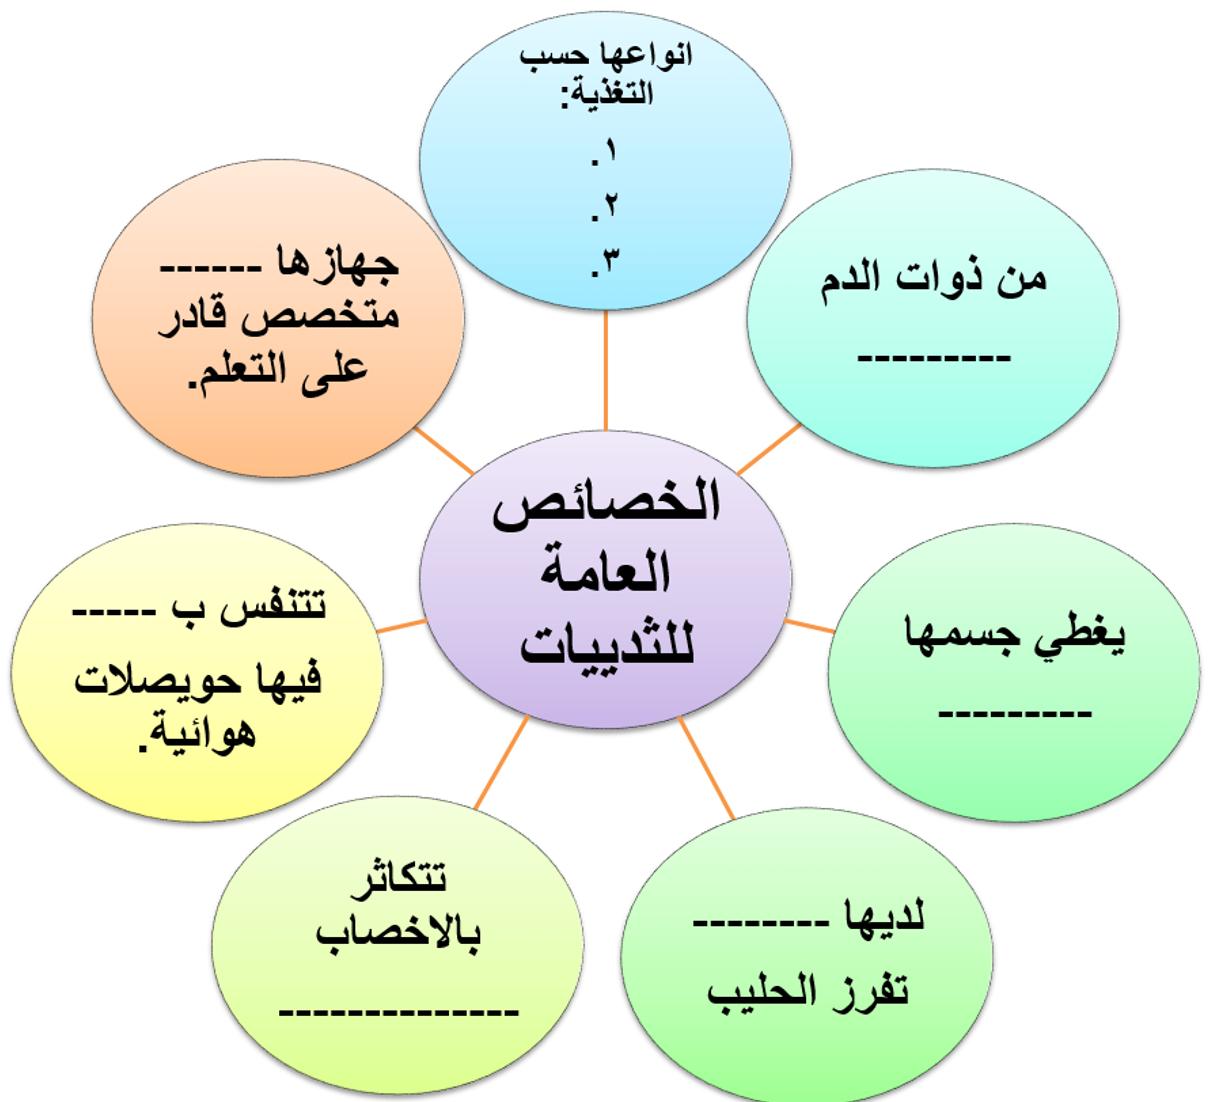 أكملي الخريطة المفاهيمية التالية عن الخصائص العامة للثدييات